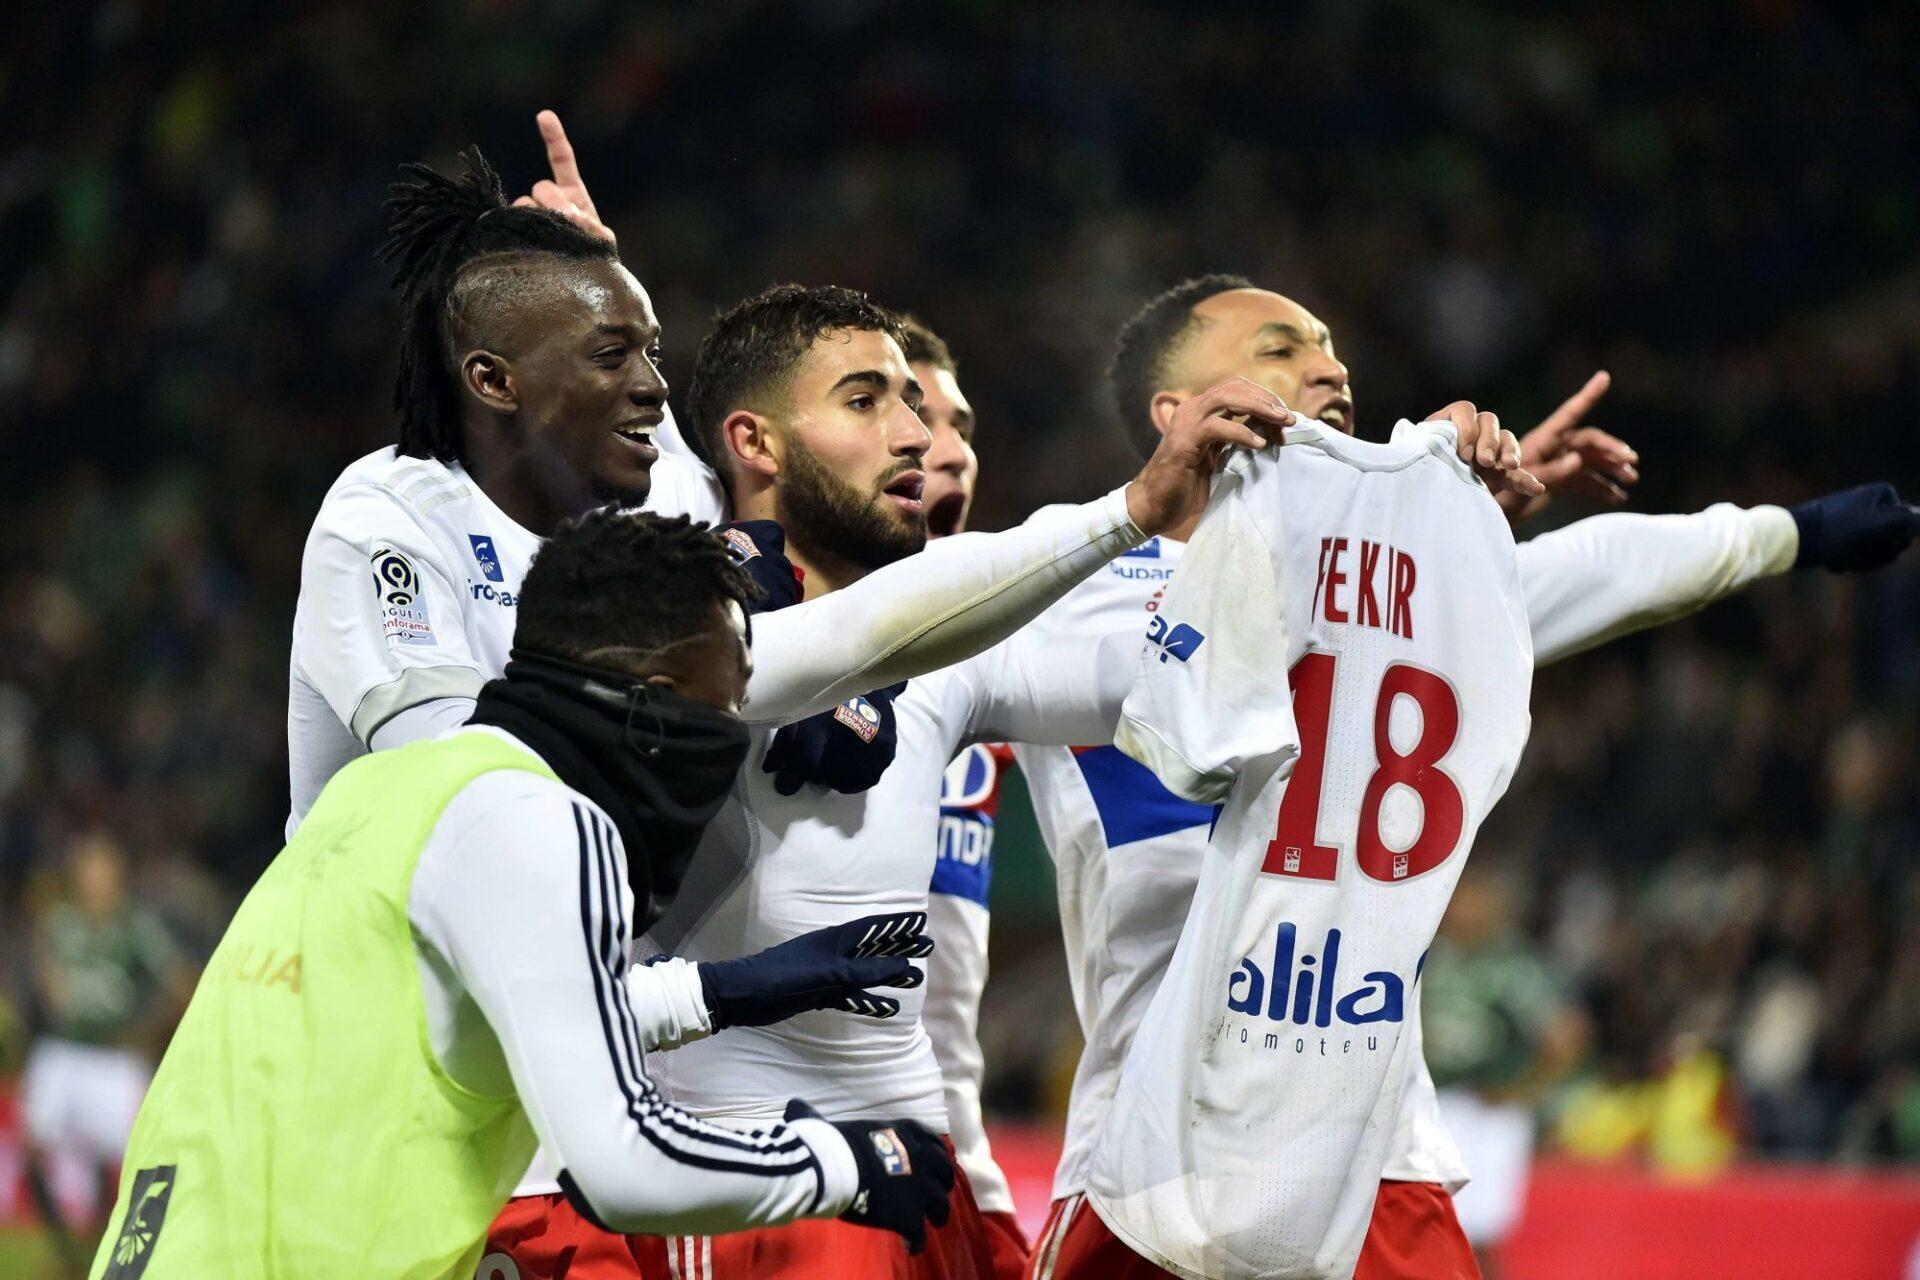 En exhibant son maillot devant une tribune stéphanoise dans le derby de novembre 2017, Nabil Fekir avait entraîné une réponse virulente des supporters de l'ASSE, qui avaient envahi la pelouse. Icon Sport